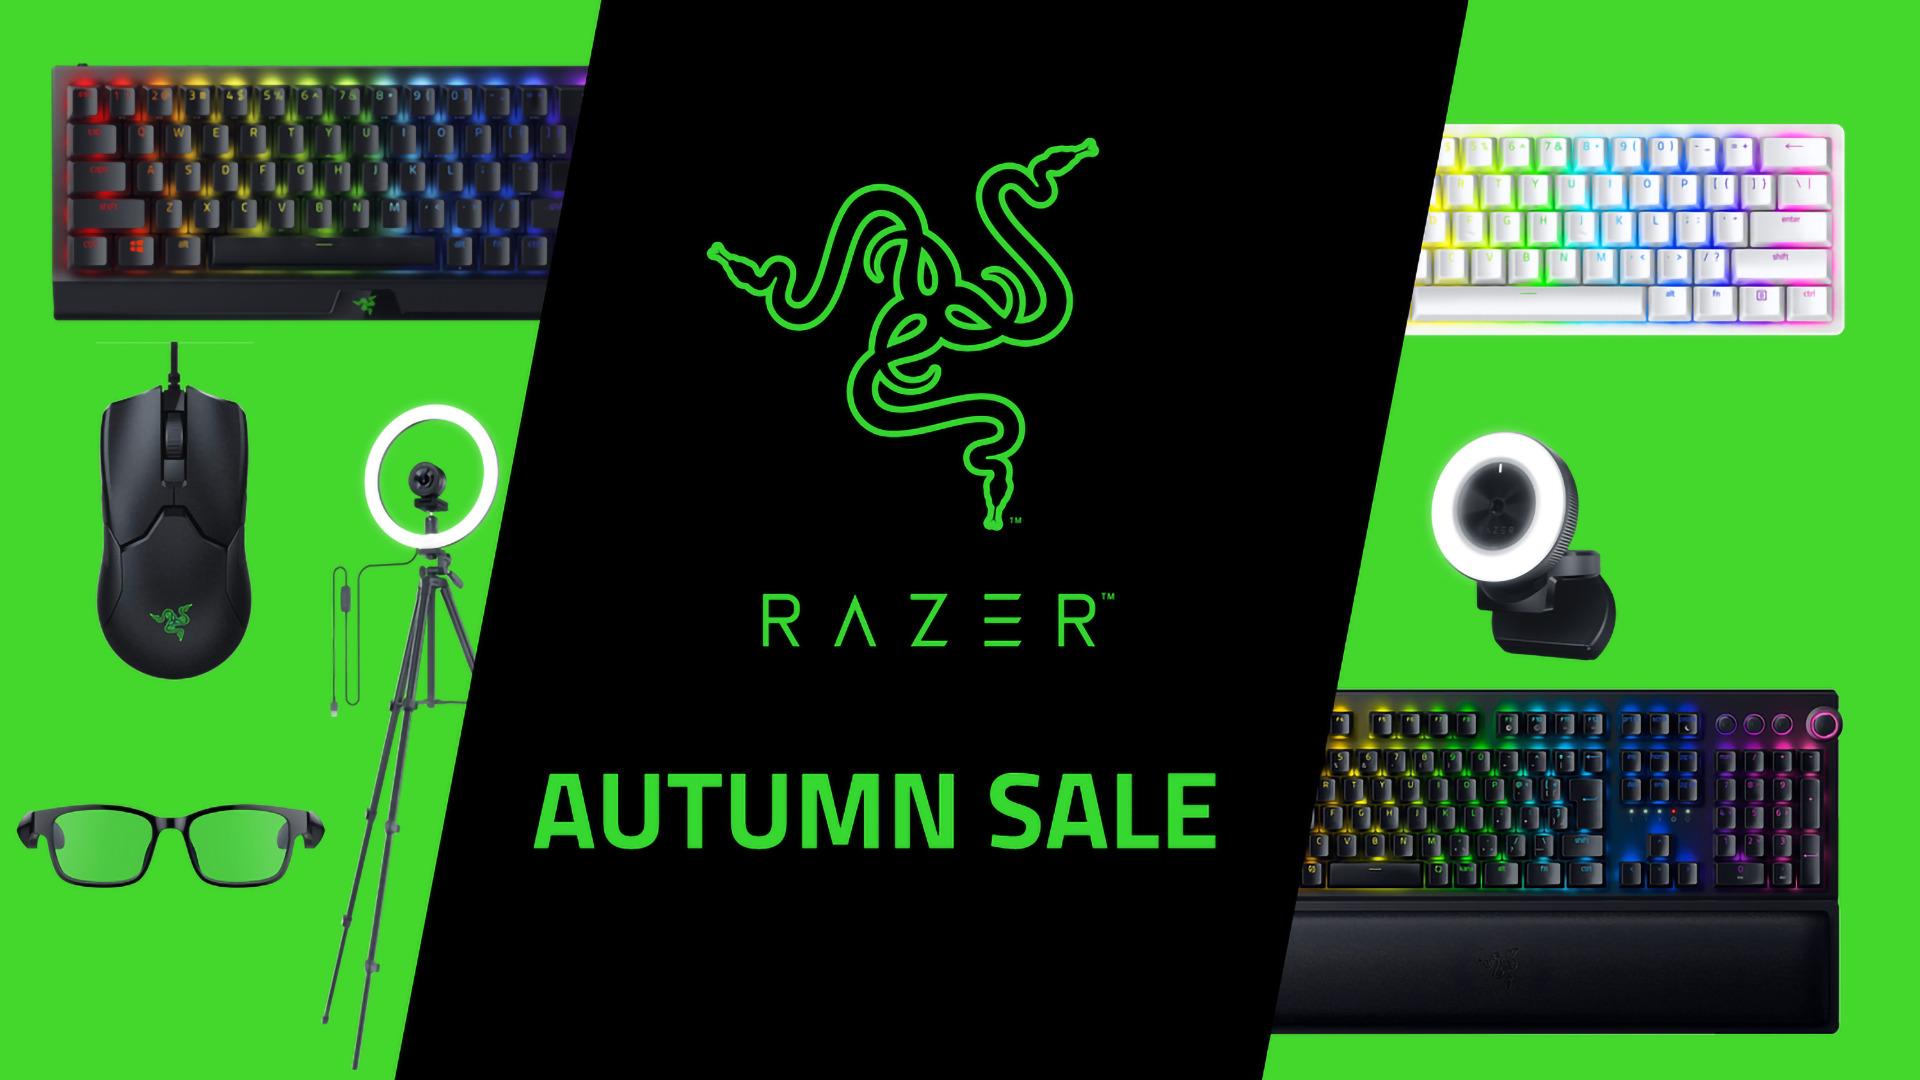 Razerオータムセールで「Viper 8K」や「BlackWidow V3 Mini」「Razer Huntsman Mini」など全24製品が安い!